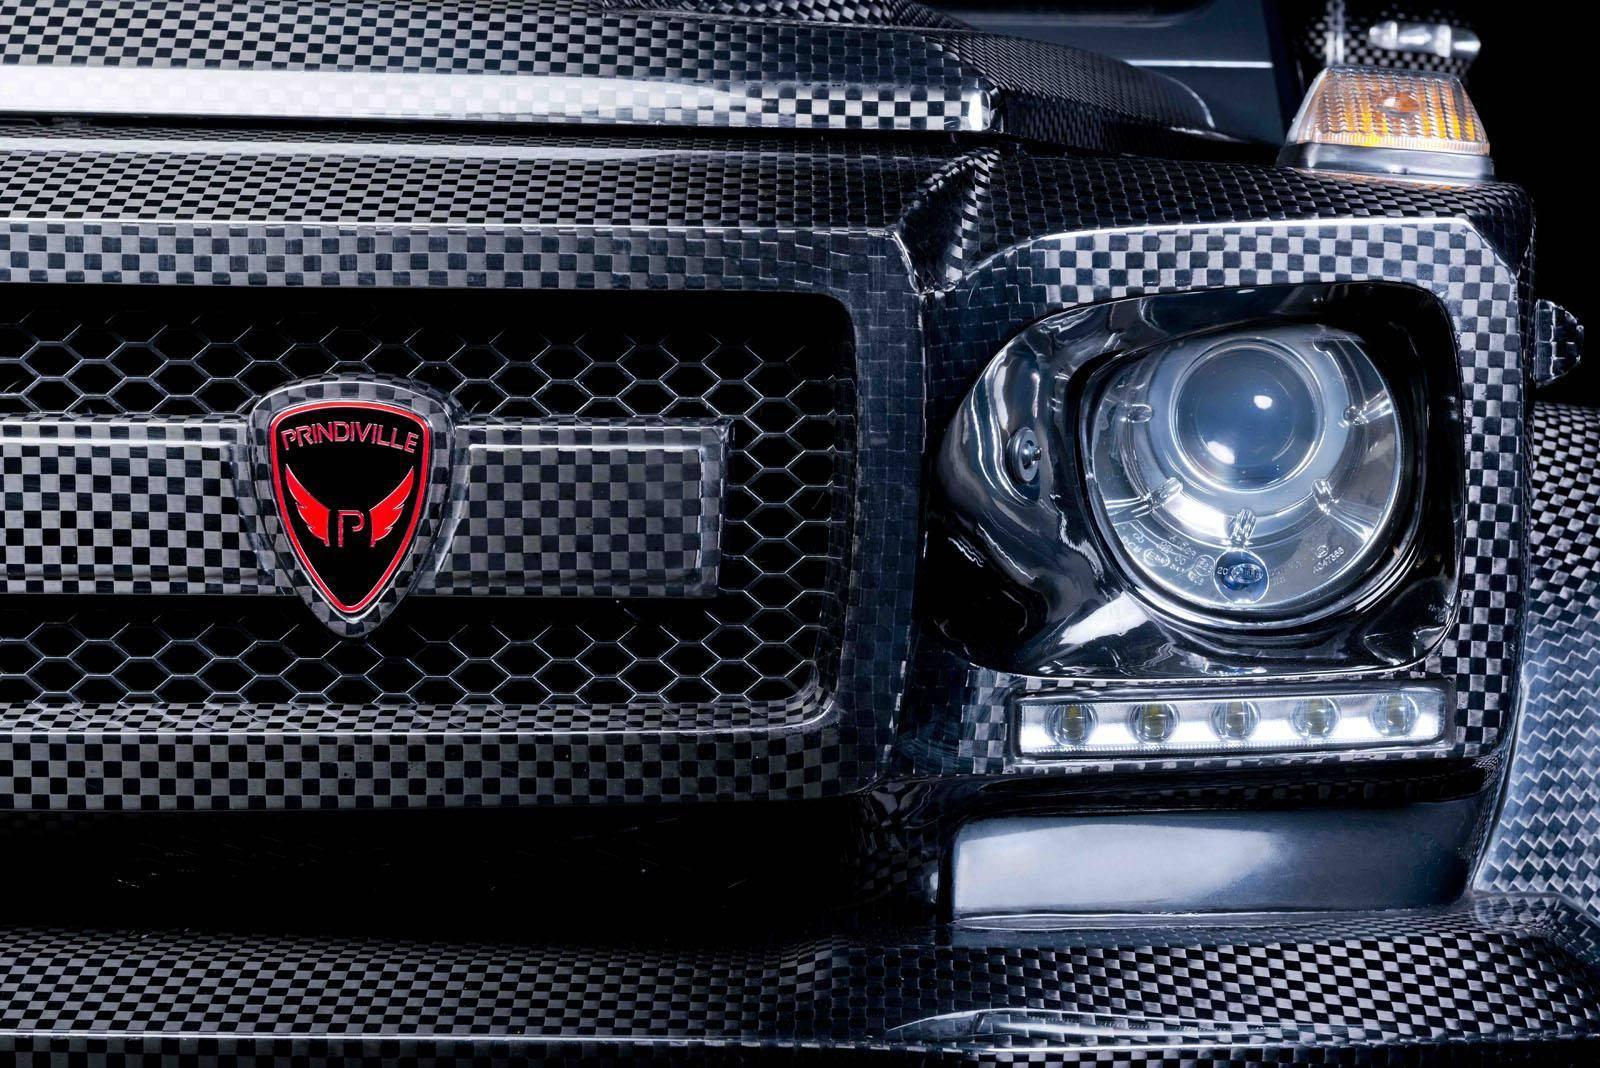 Mercedes-G63-AMG-прокаченный-салоном-PRINDIVILLE-6